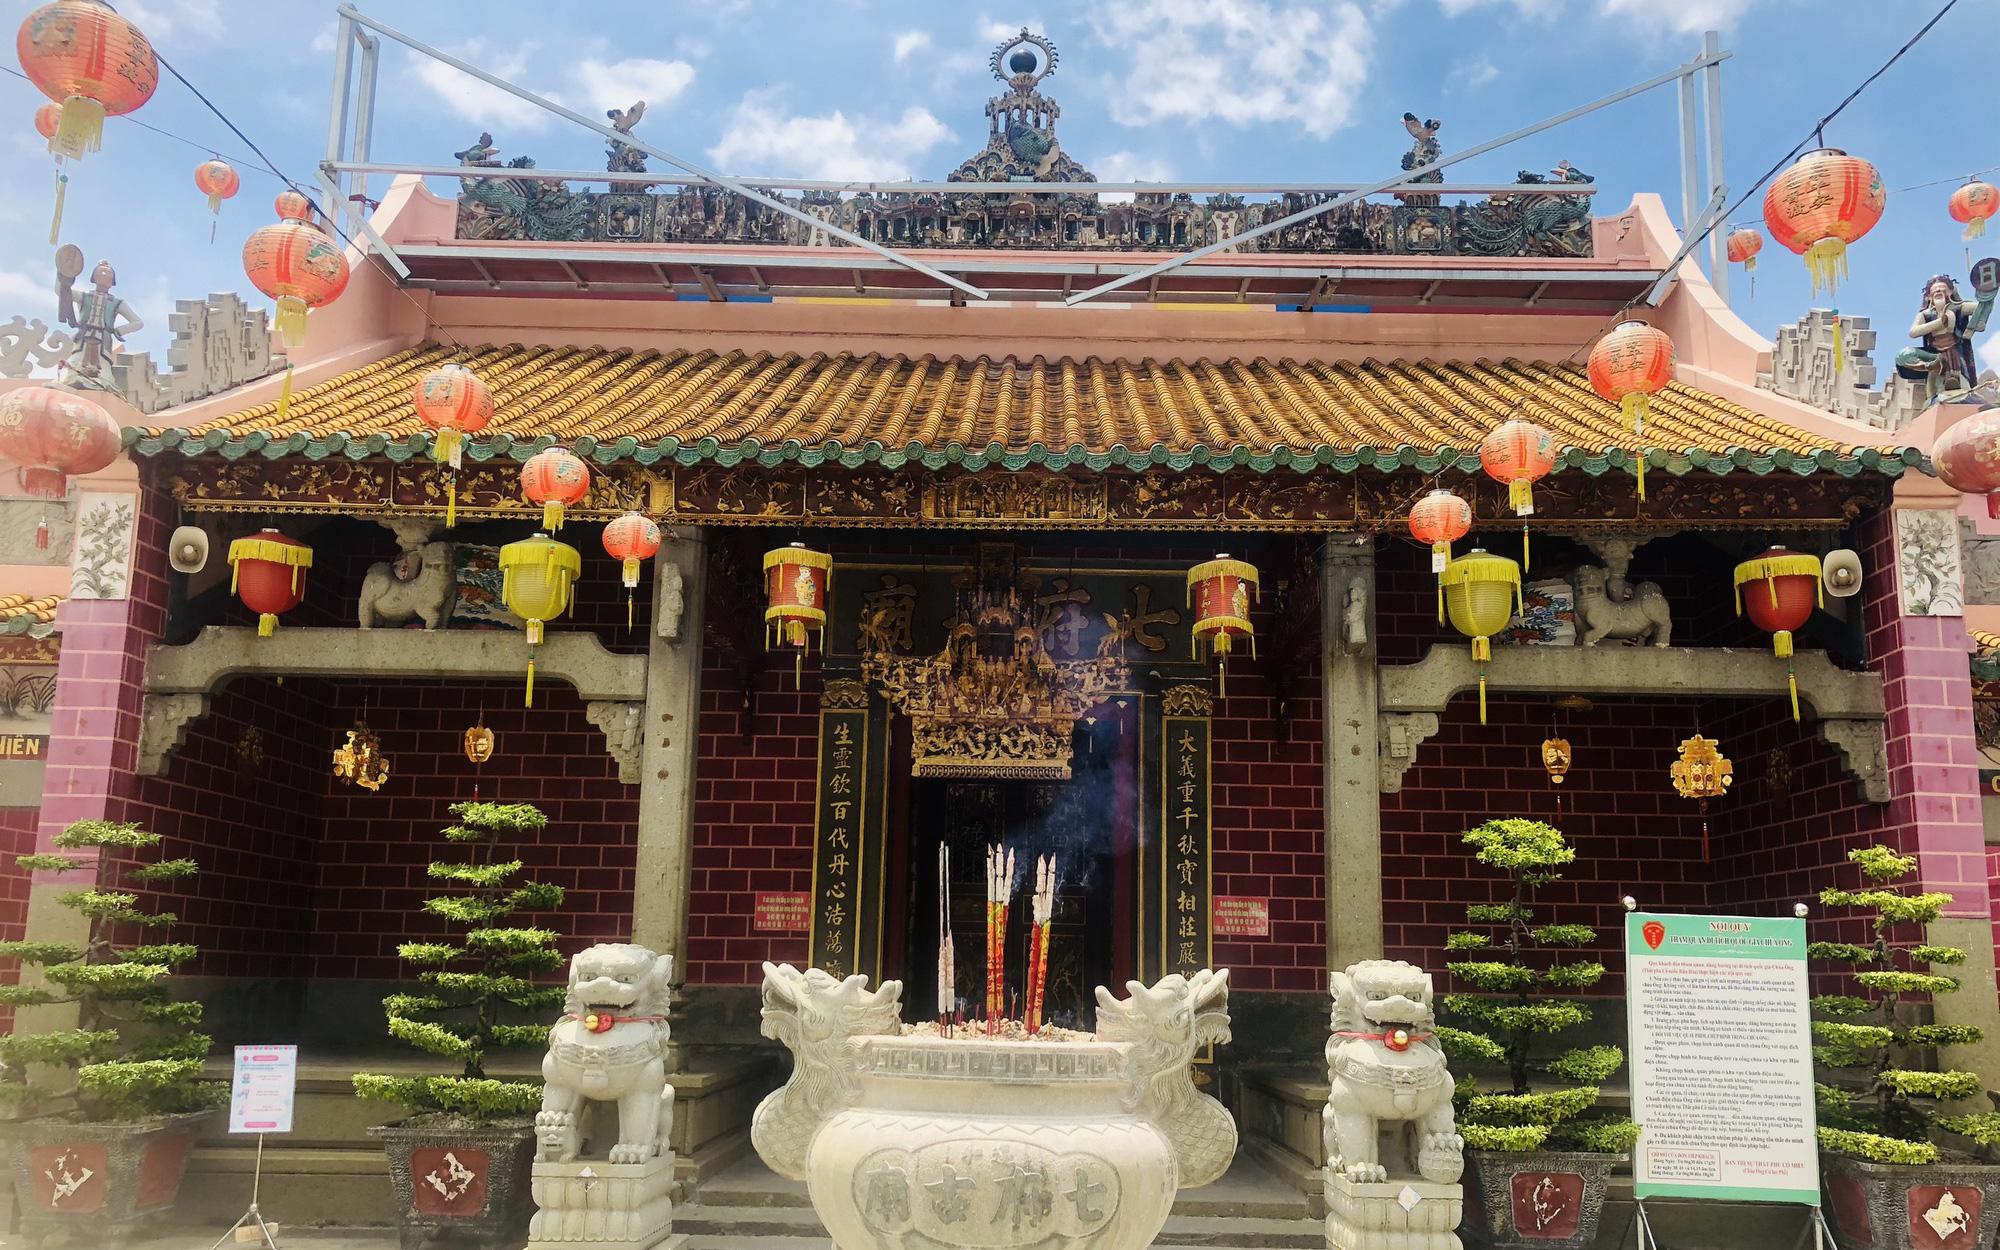 Thất phủ cổ miếu ở tỉnh Đồng Nai: Nơi giao thoa giữa hai nền văn hóa Việt Nam–Trung Hoa ở Nam bộ